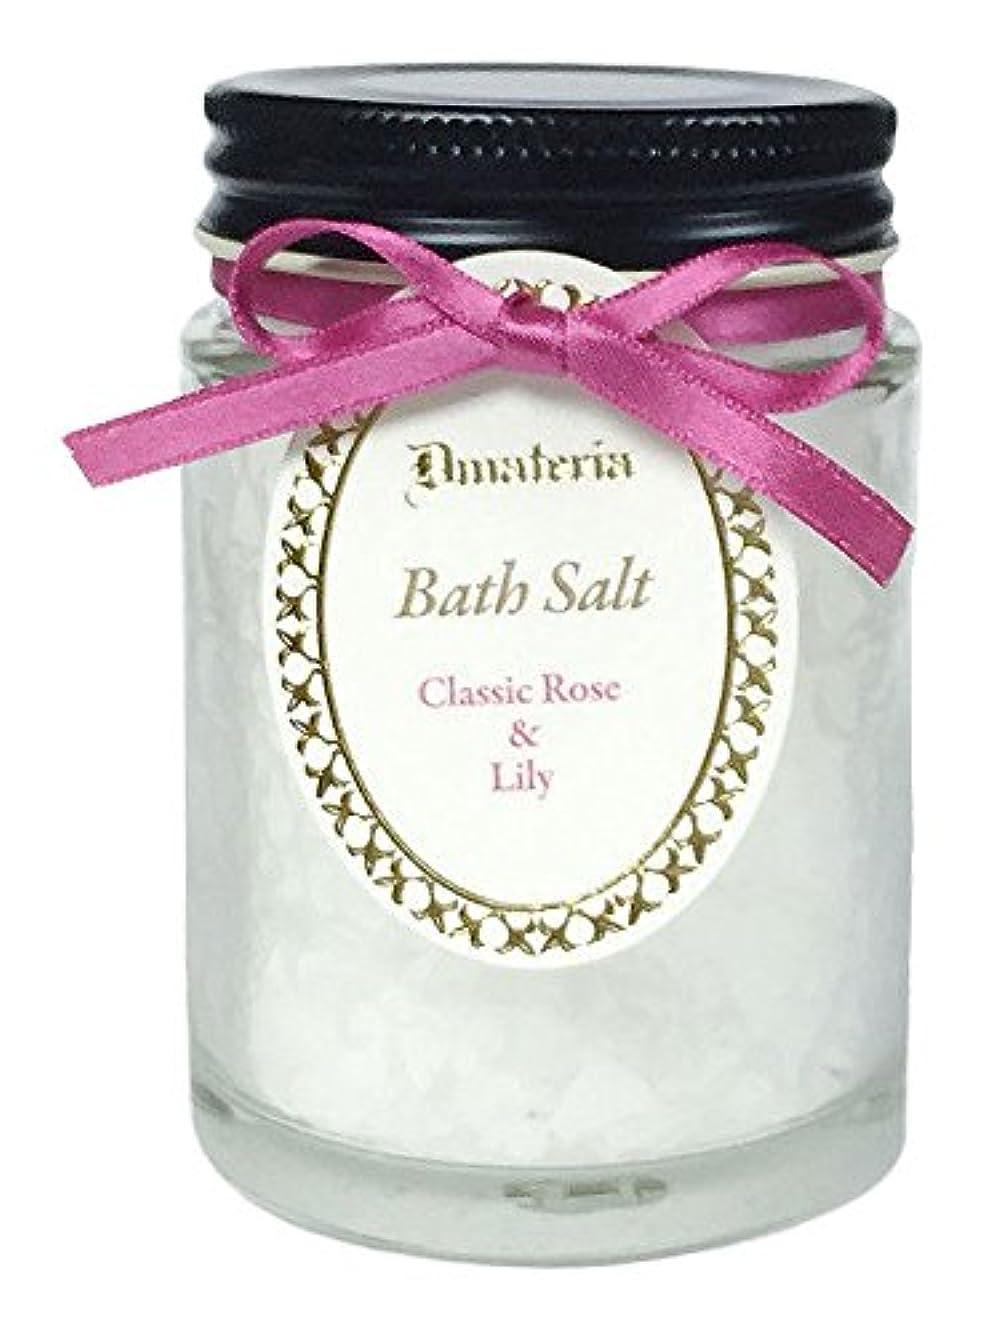 タオルシンプトンするD materia バスソルト クラシックローズ&リリー Classic Rose&Lily Bath Salt ディーマテリア